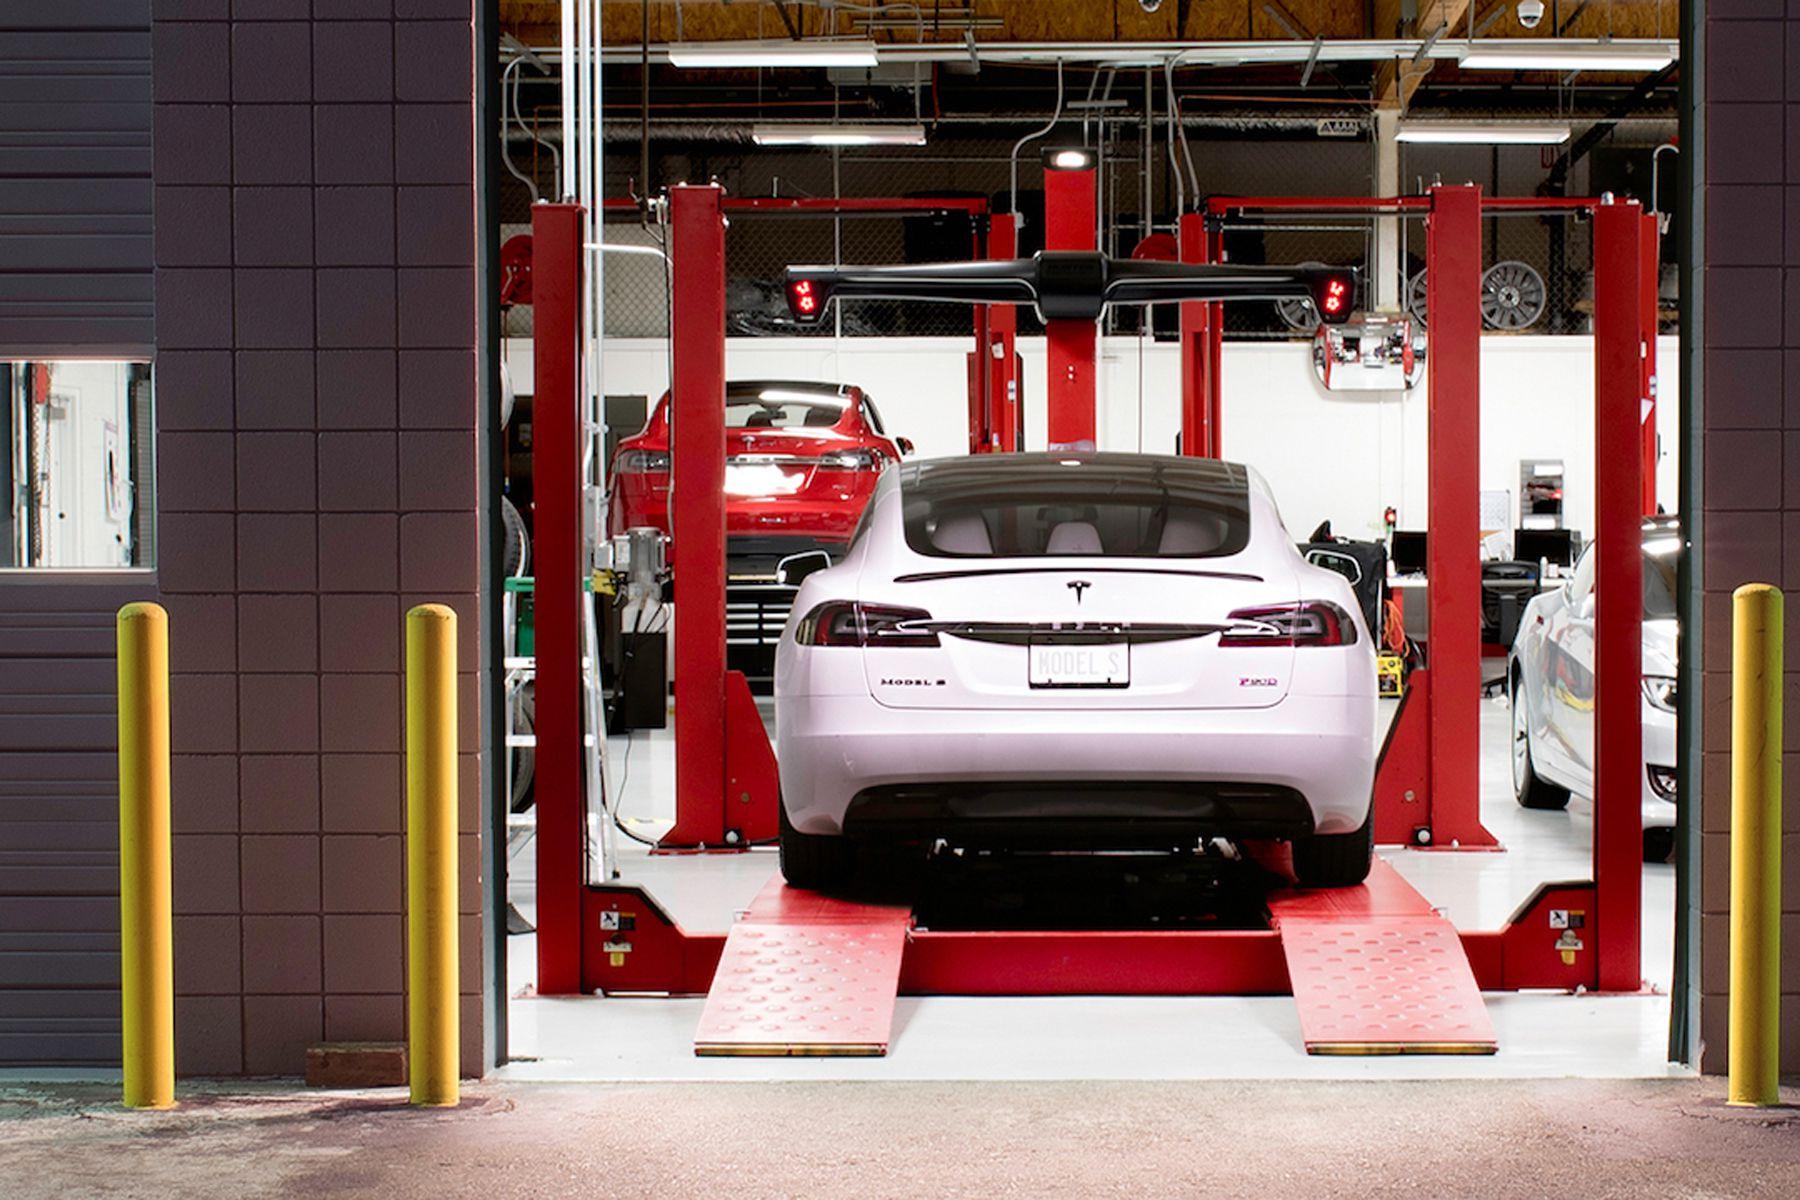 Одржувањето на електричните автомобили е поскапо отколку сервисирање бензинци и дизели?!